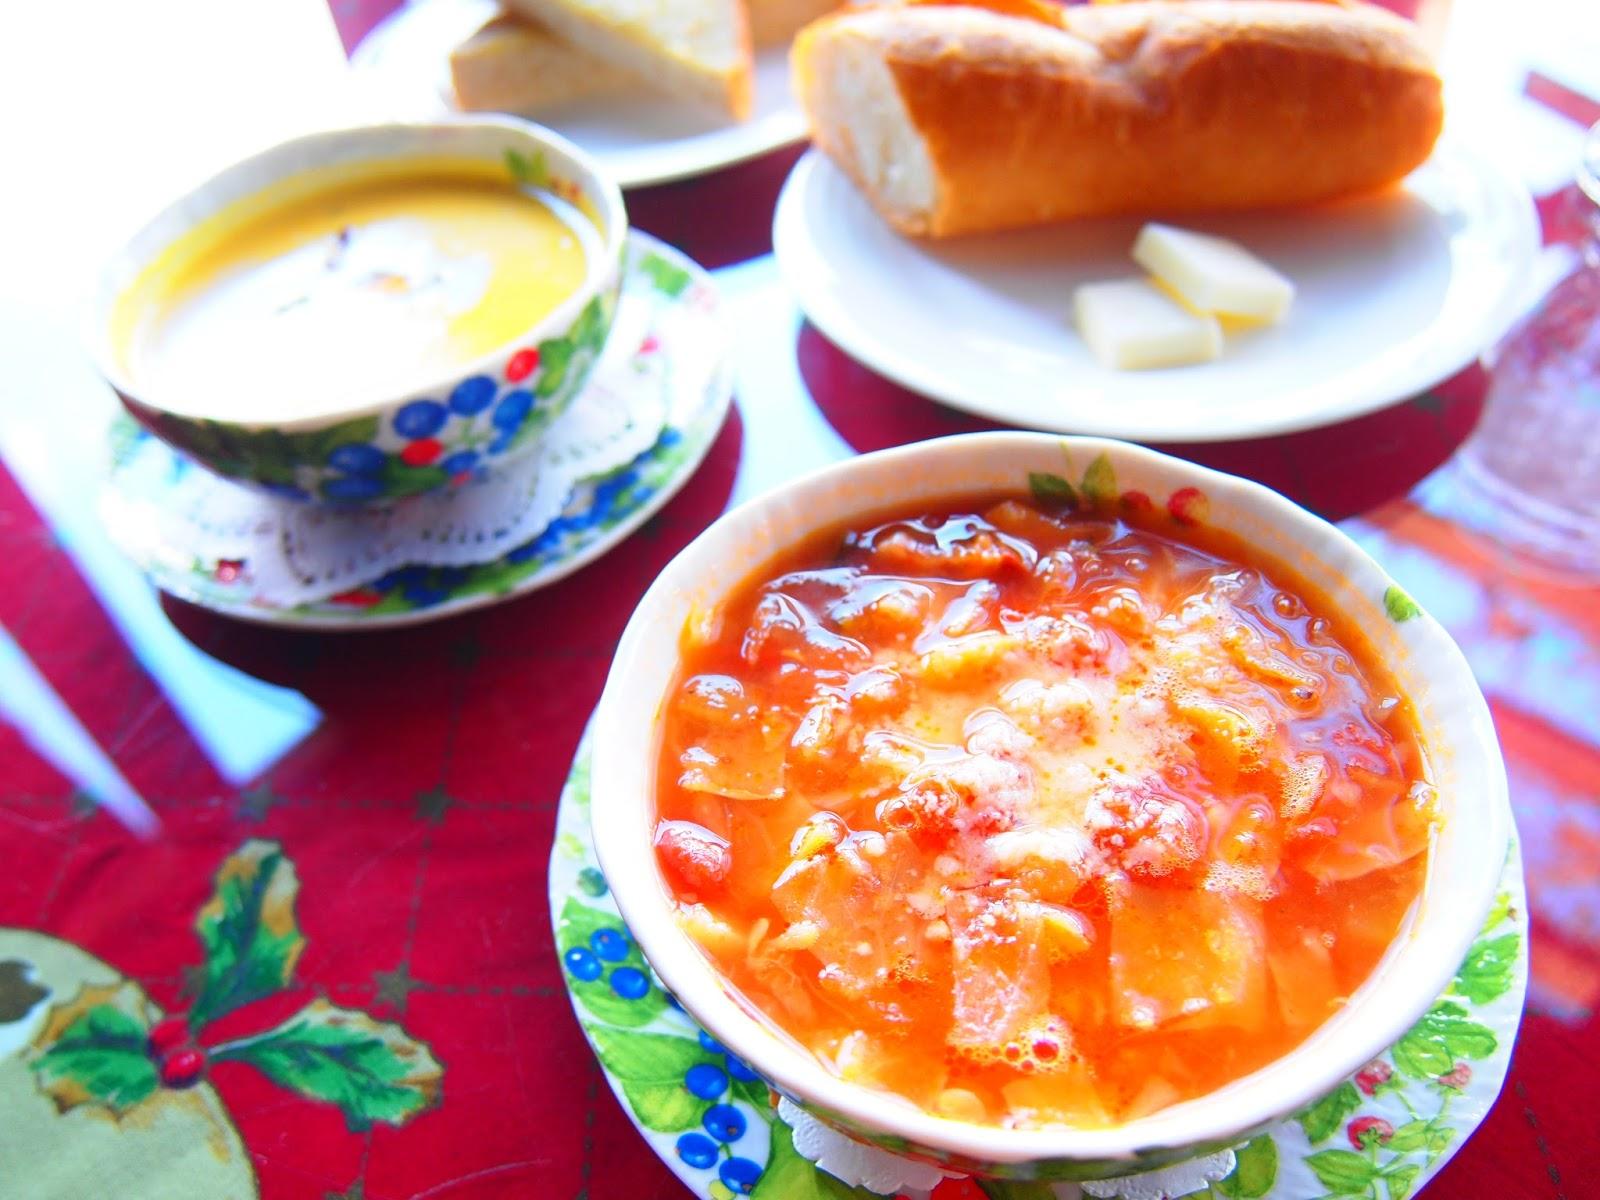 このスープだけでもお腹がいっぱいになってしまうほどのボリューム